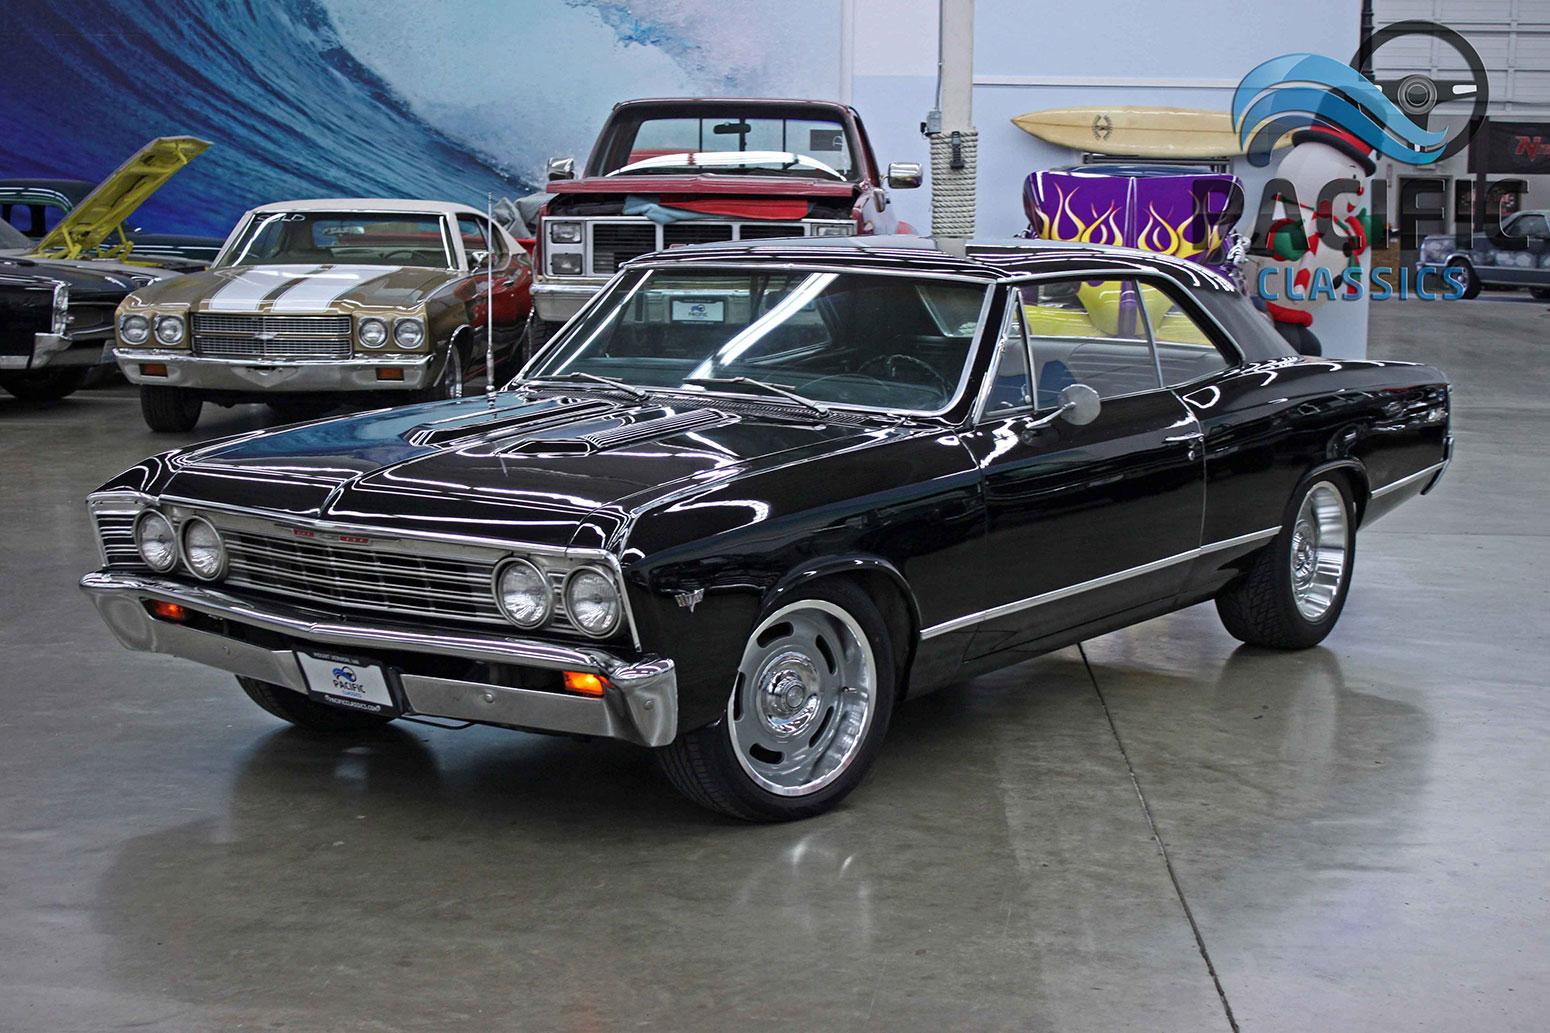 1967 Chevrolet Chevelle Black Pacific Classics